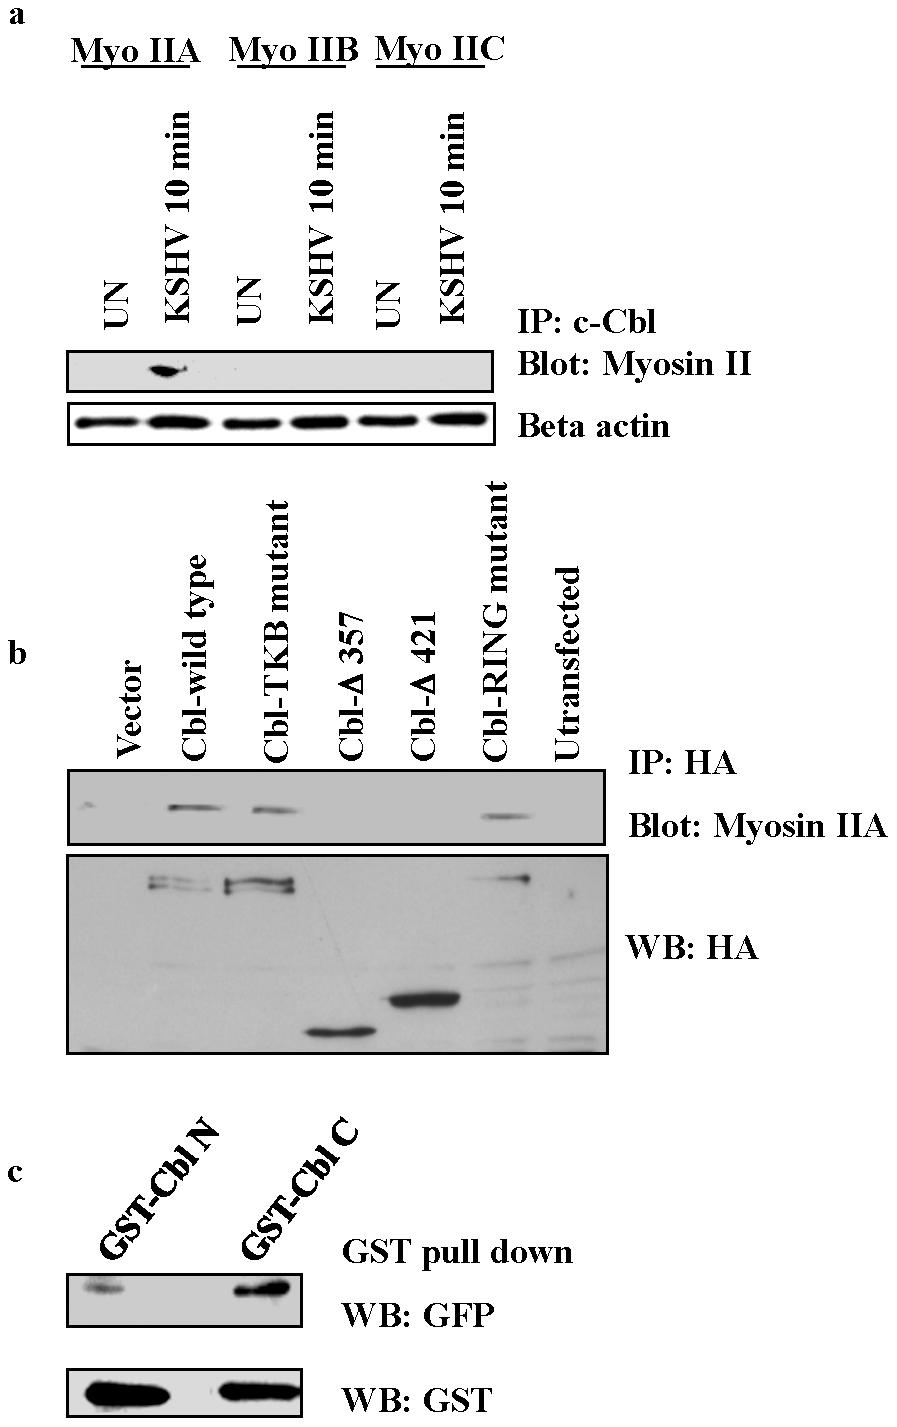 c-Cbl associates with myosin IIA in KSHV infected cells.